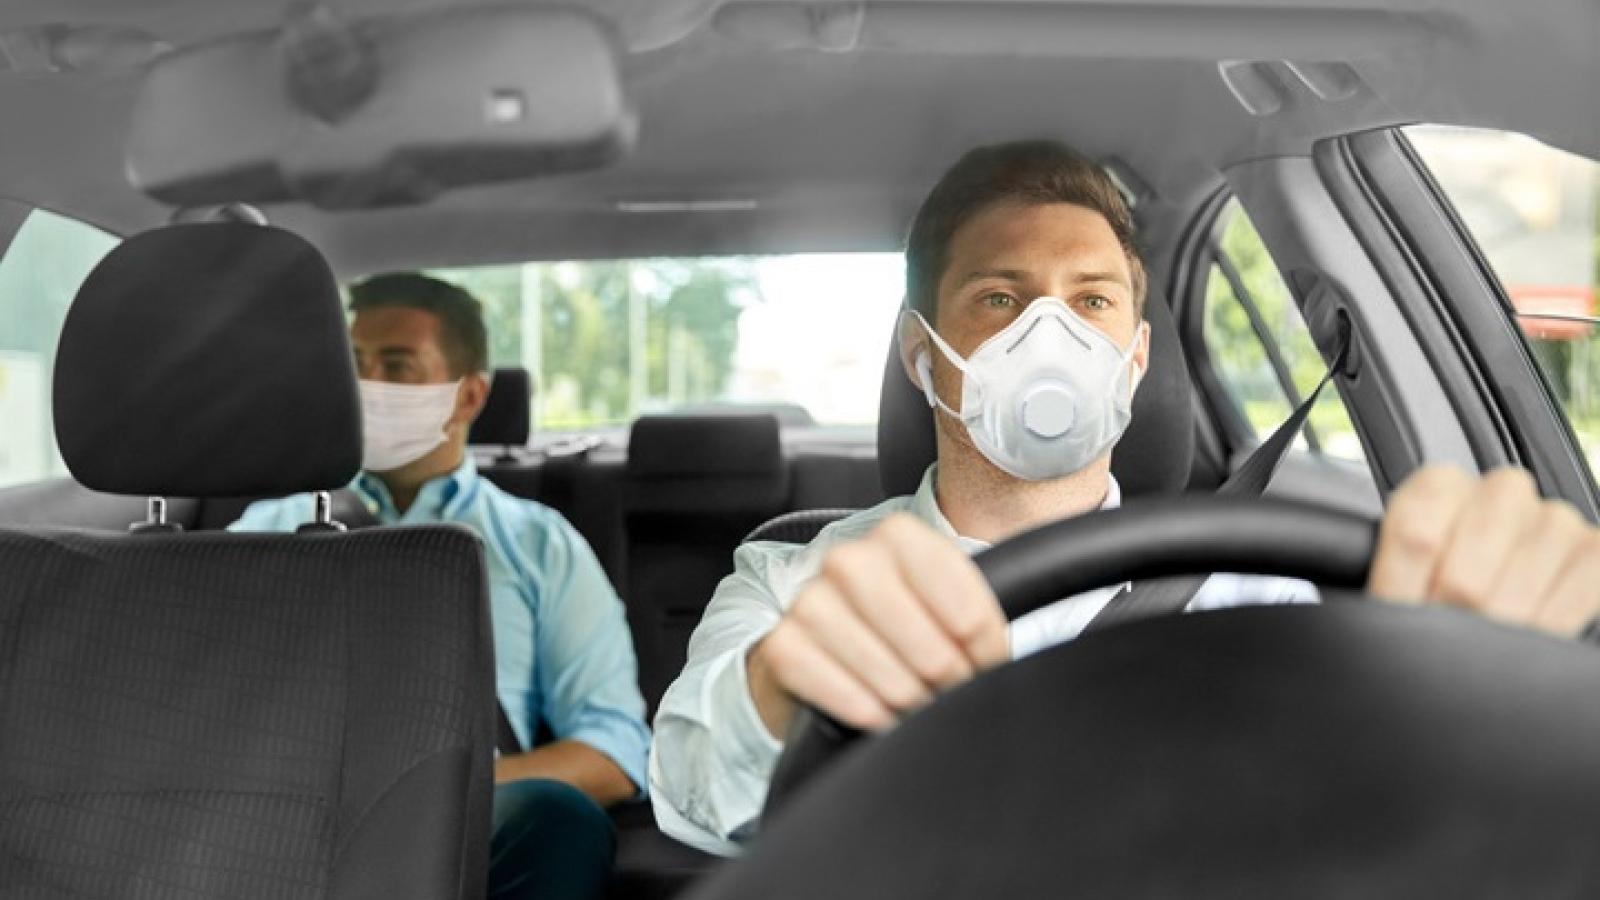 Dân Mỹ được sử dụng miễn phí dịch vụ của Uber và Lyft khi đi tiêm phòng Covid-19